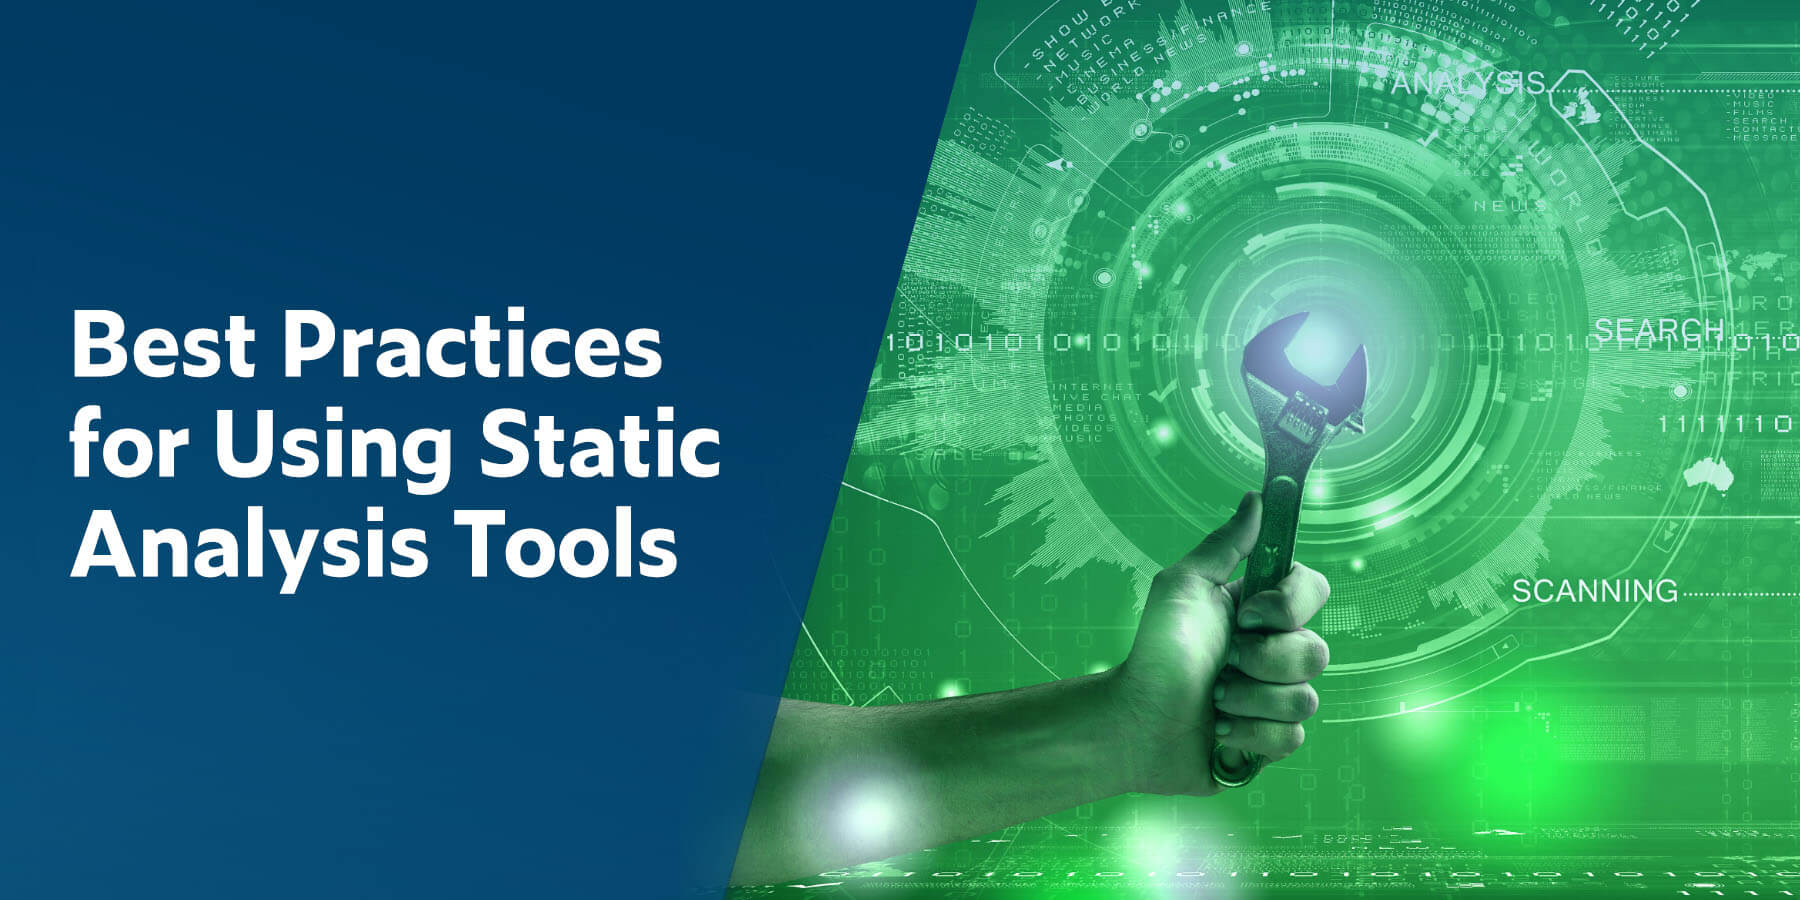 Prácticas recomendadas para el uso de herramientas de análisis estático